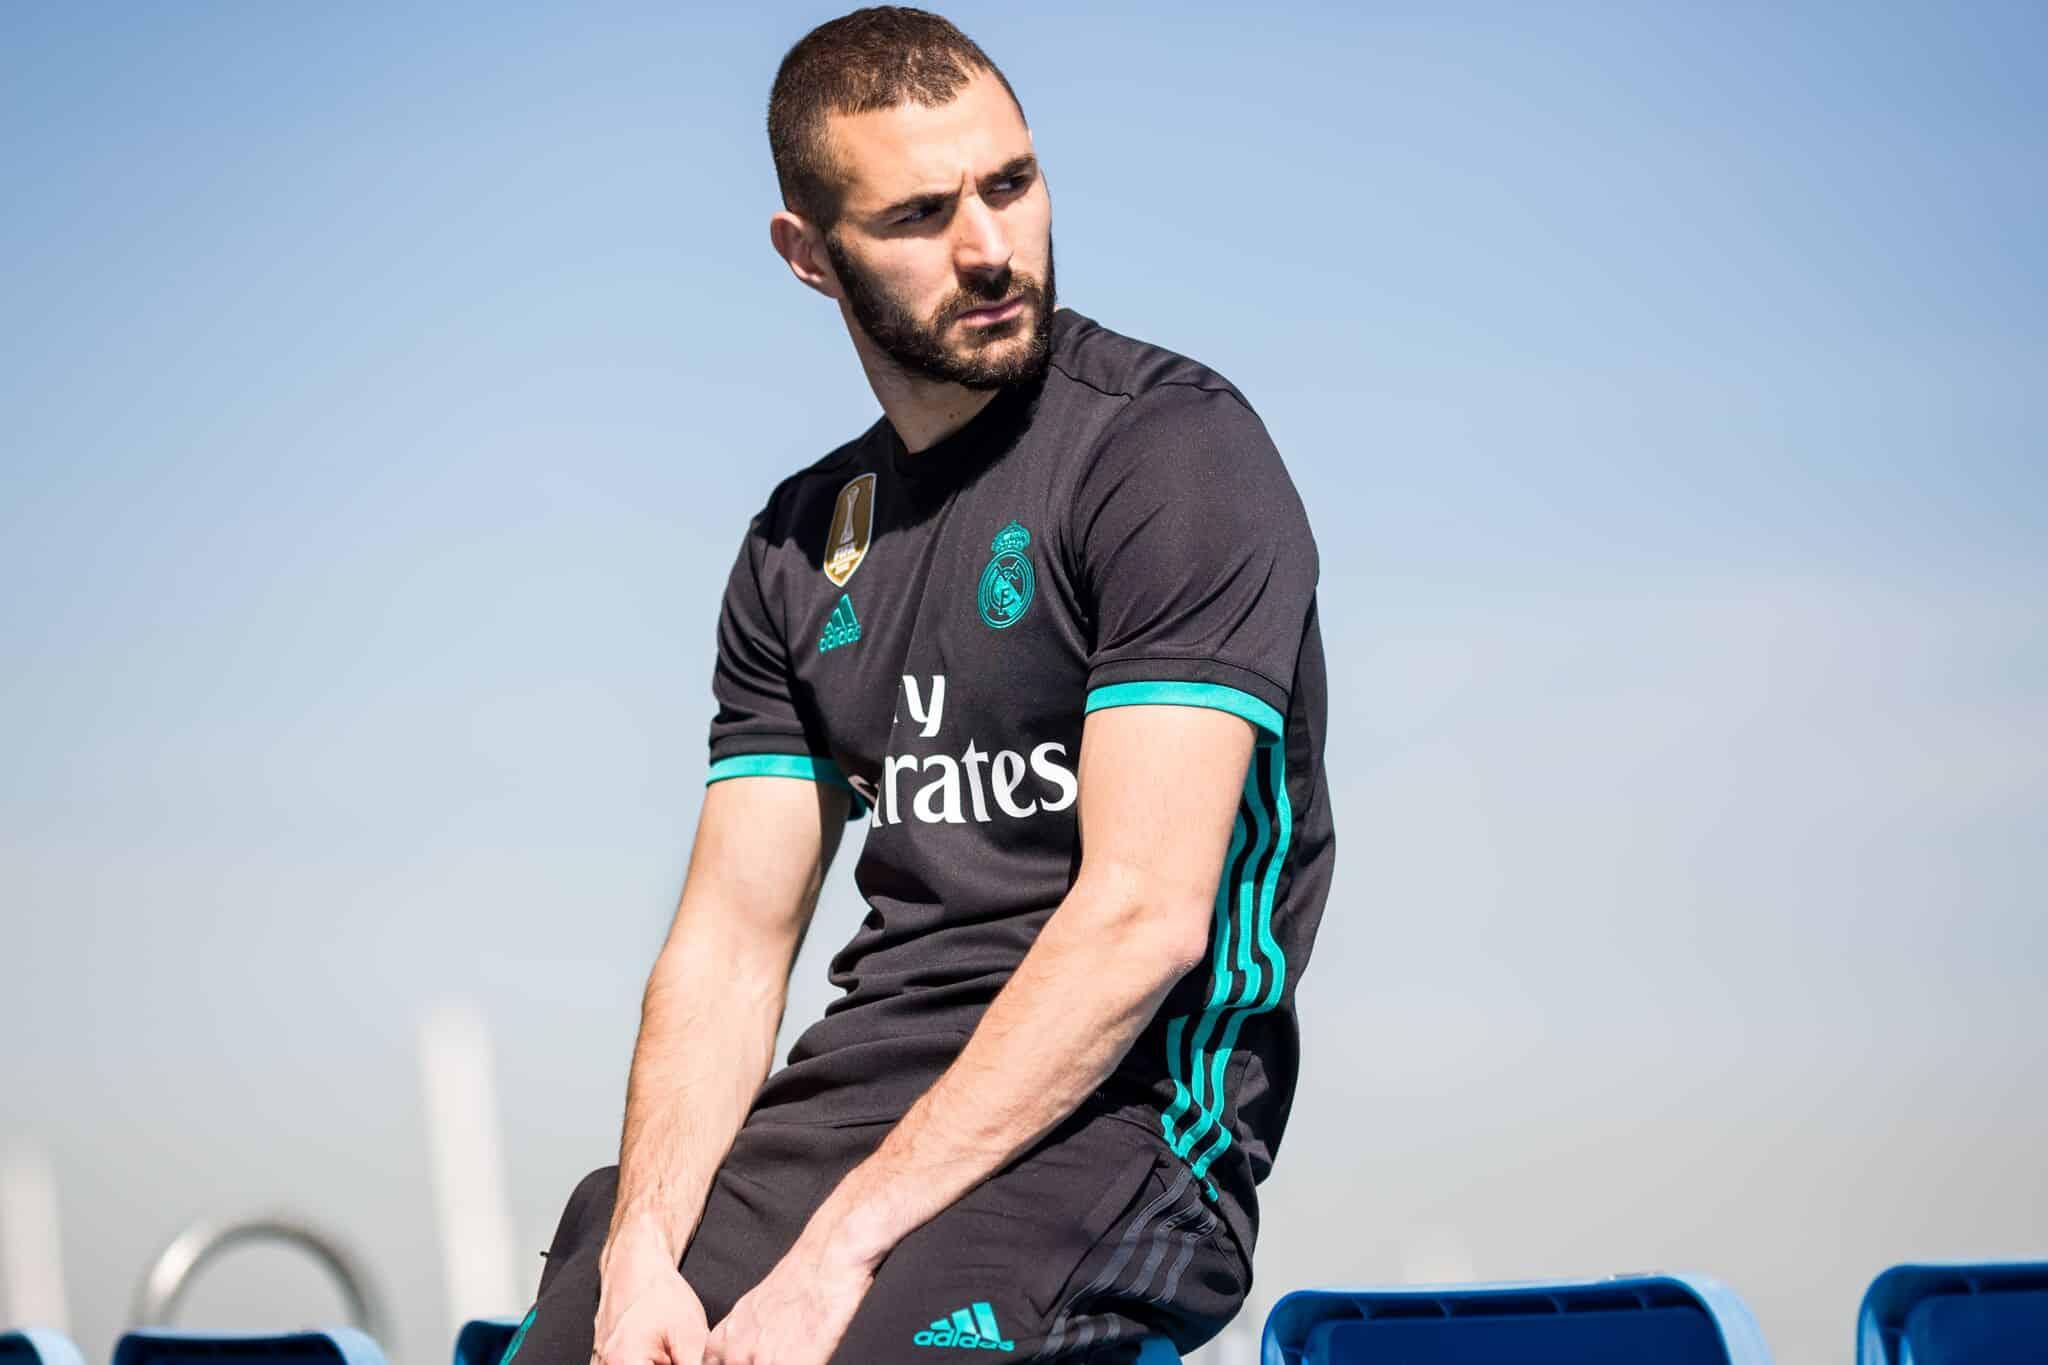 Les nouveaux maillots du Real Madrid — Officiel